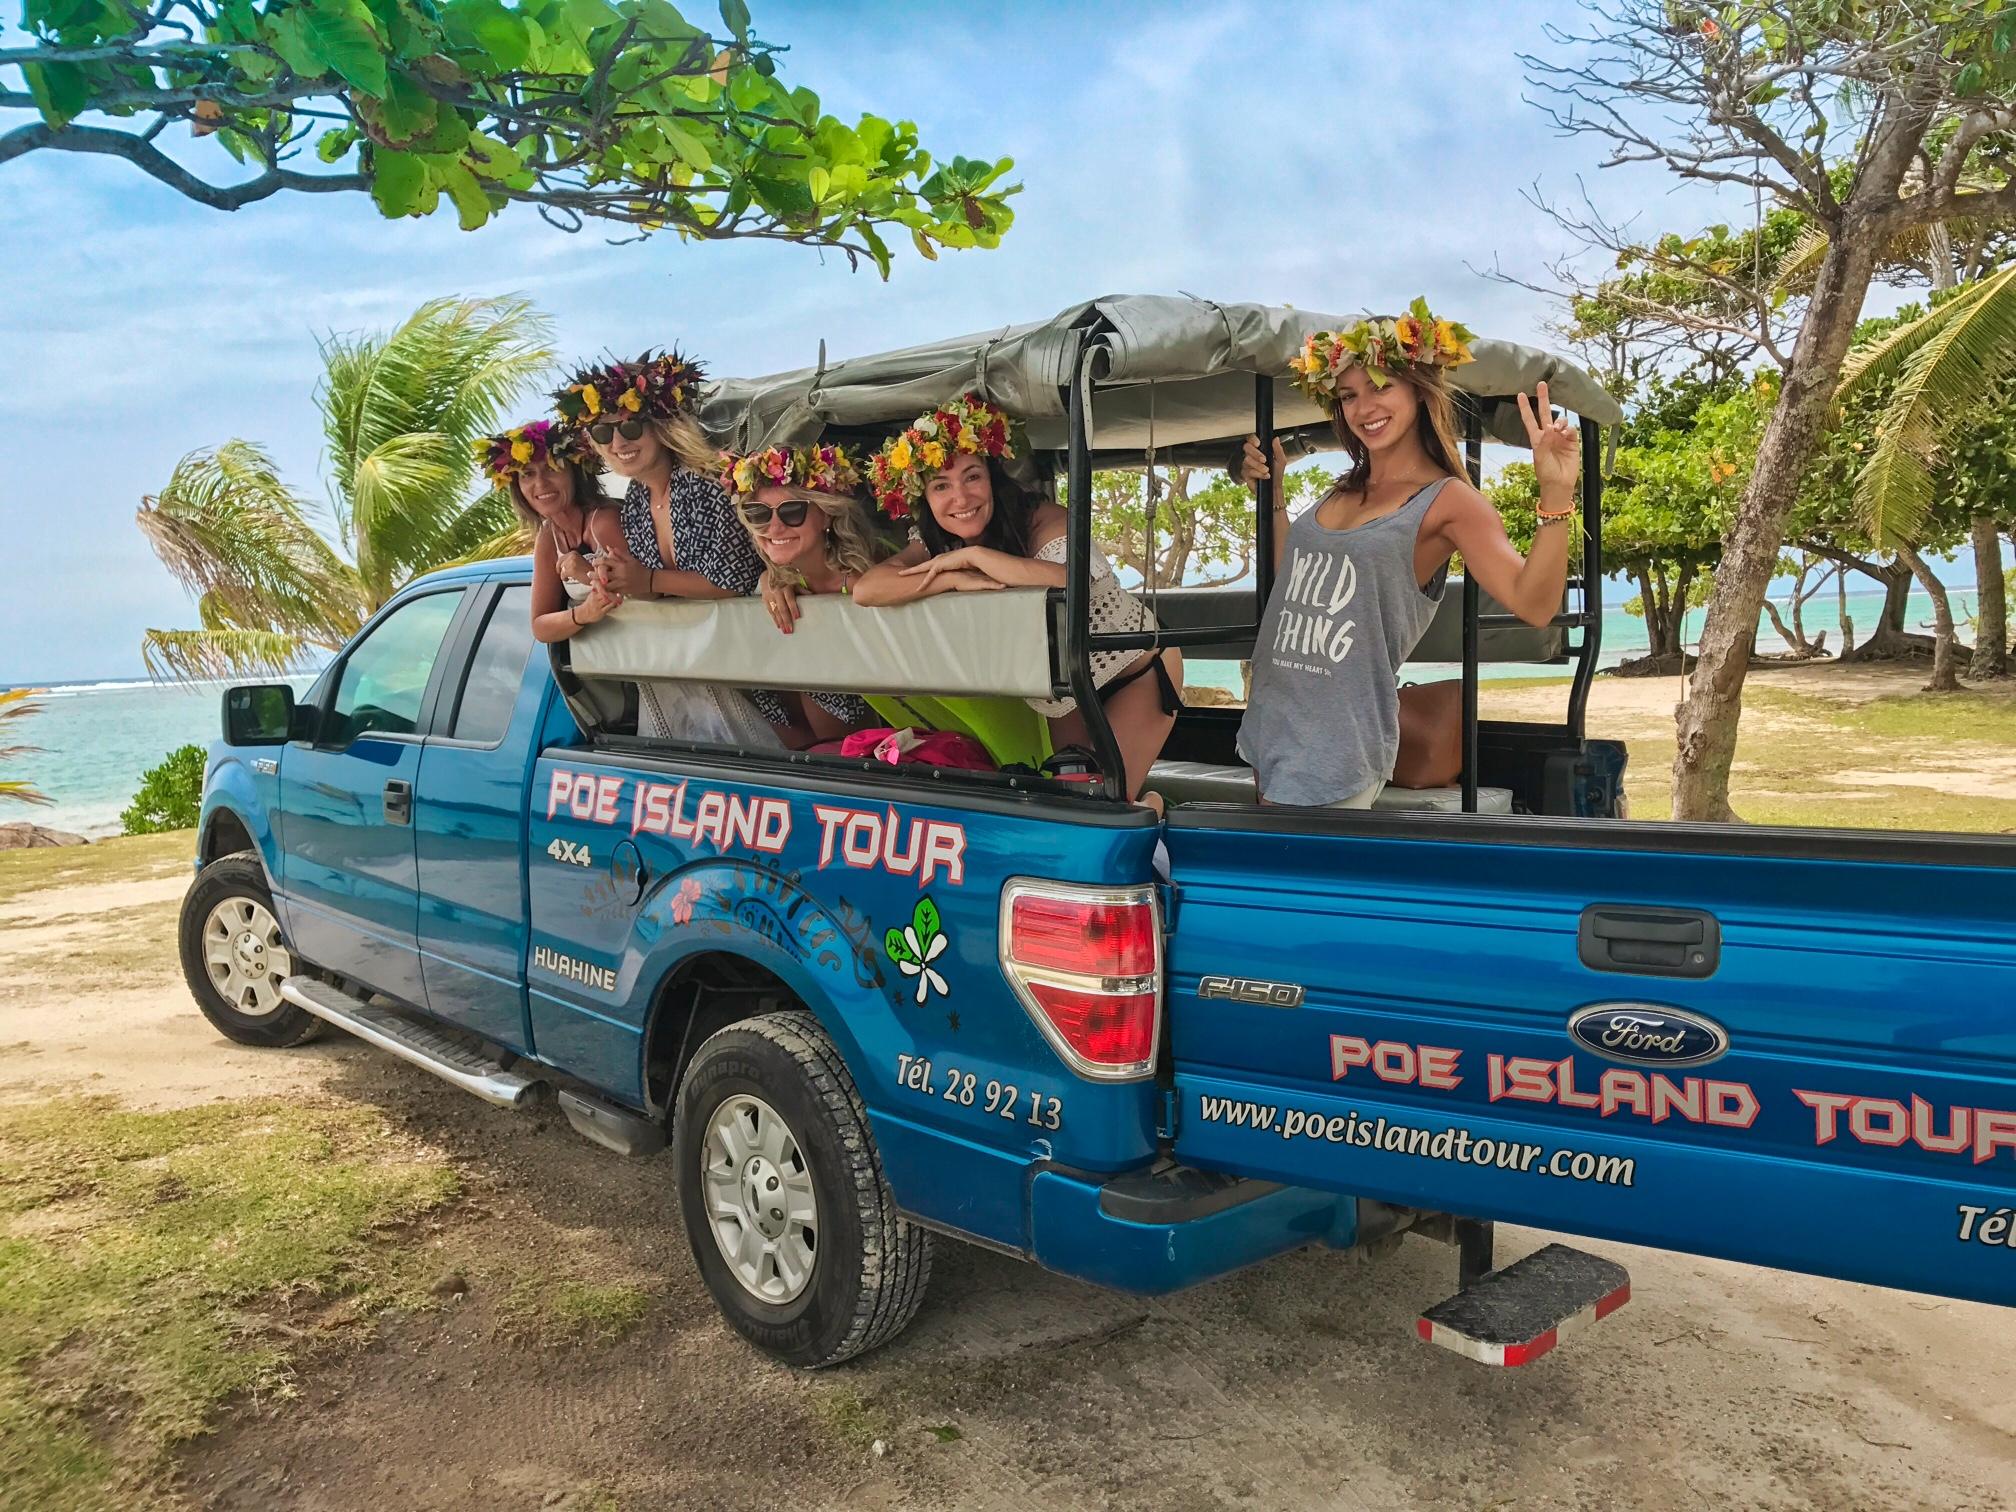 Na camionete da Poe Island Tour (Poetaina), conhecendo a ilha de Huahine